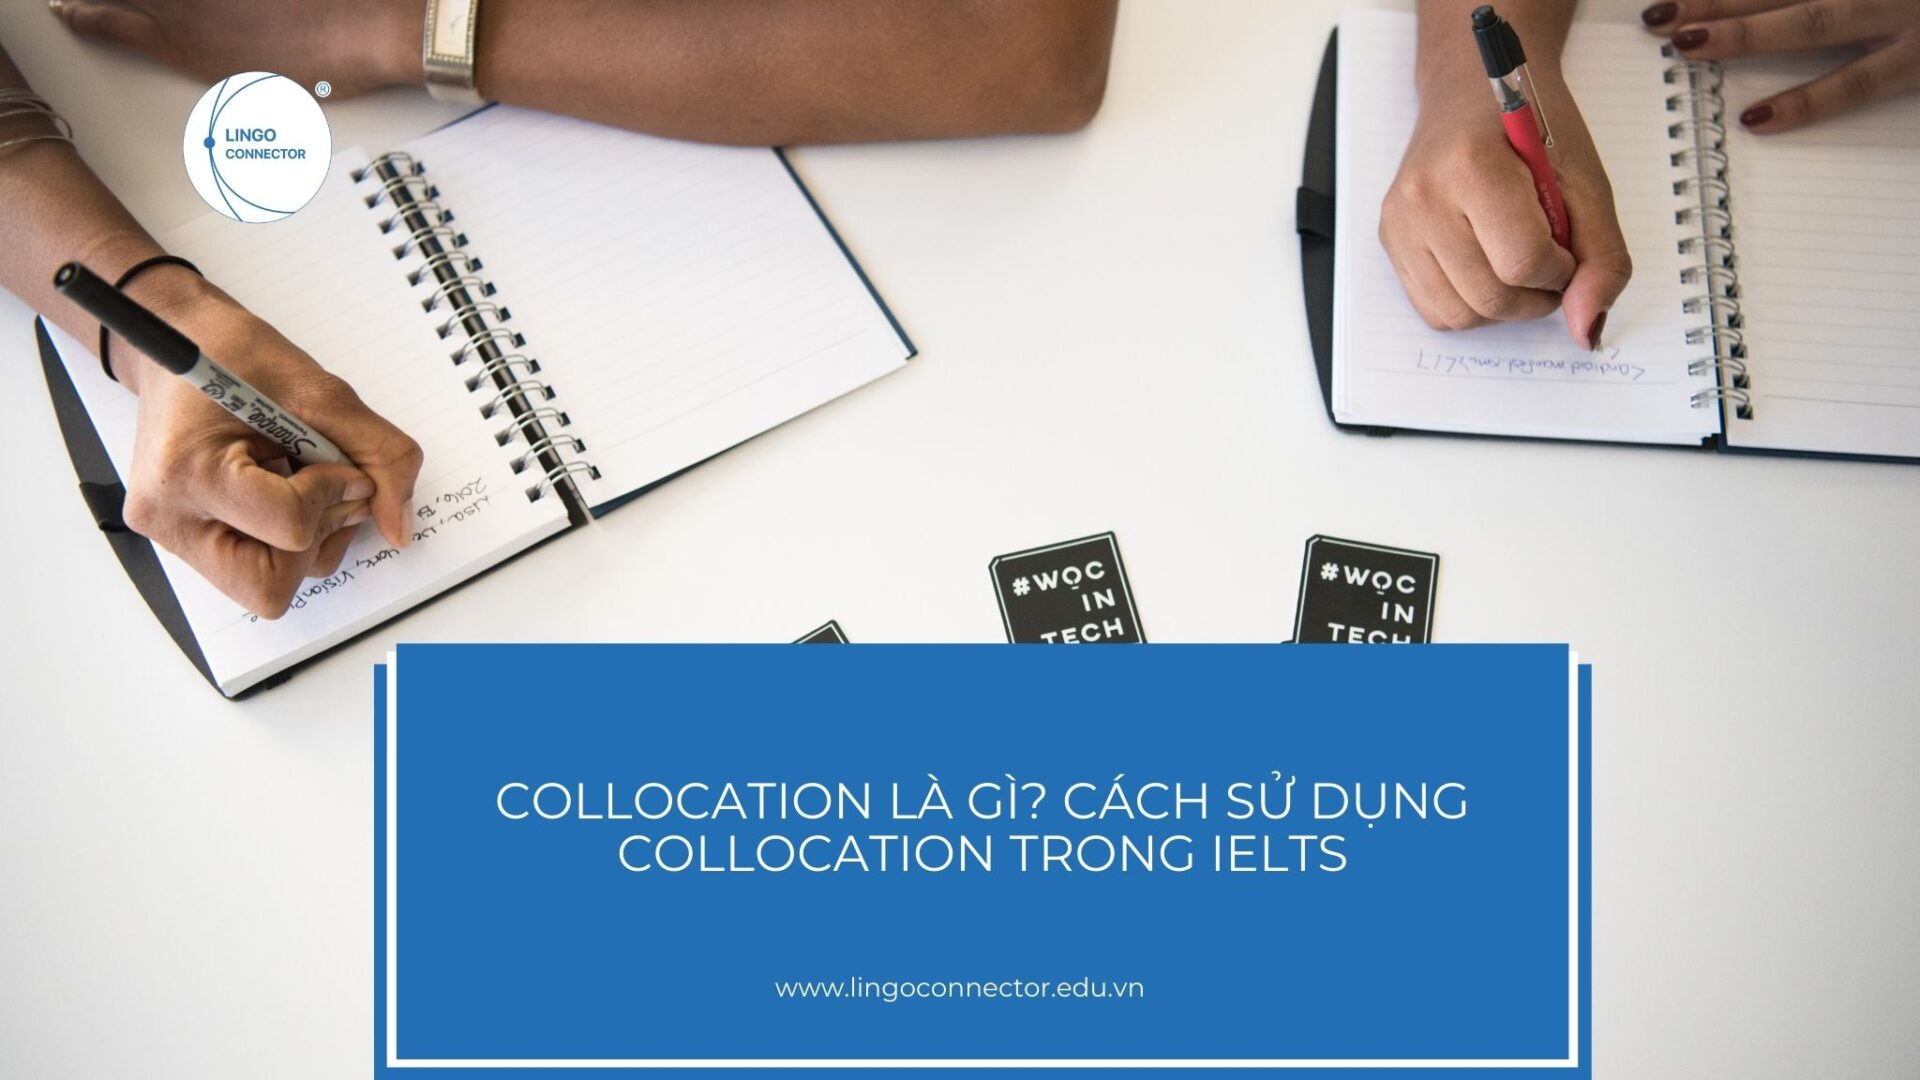 Collocation là gì?